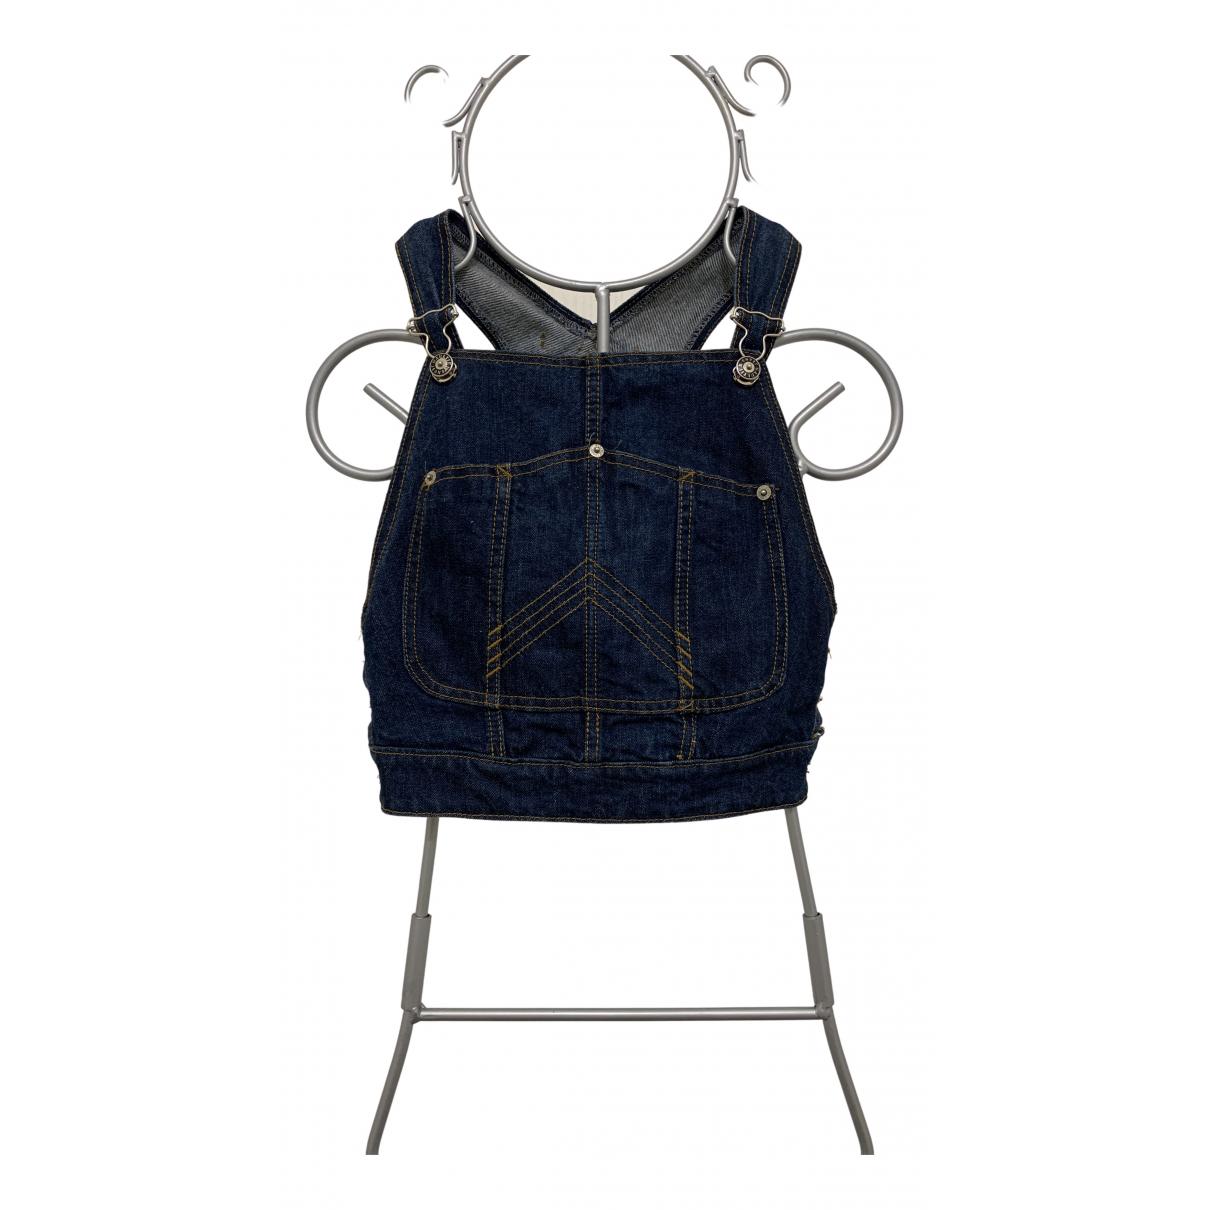 Jean Paul Gaultier - Top   pour femme en denim - bleu